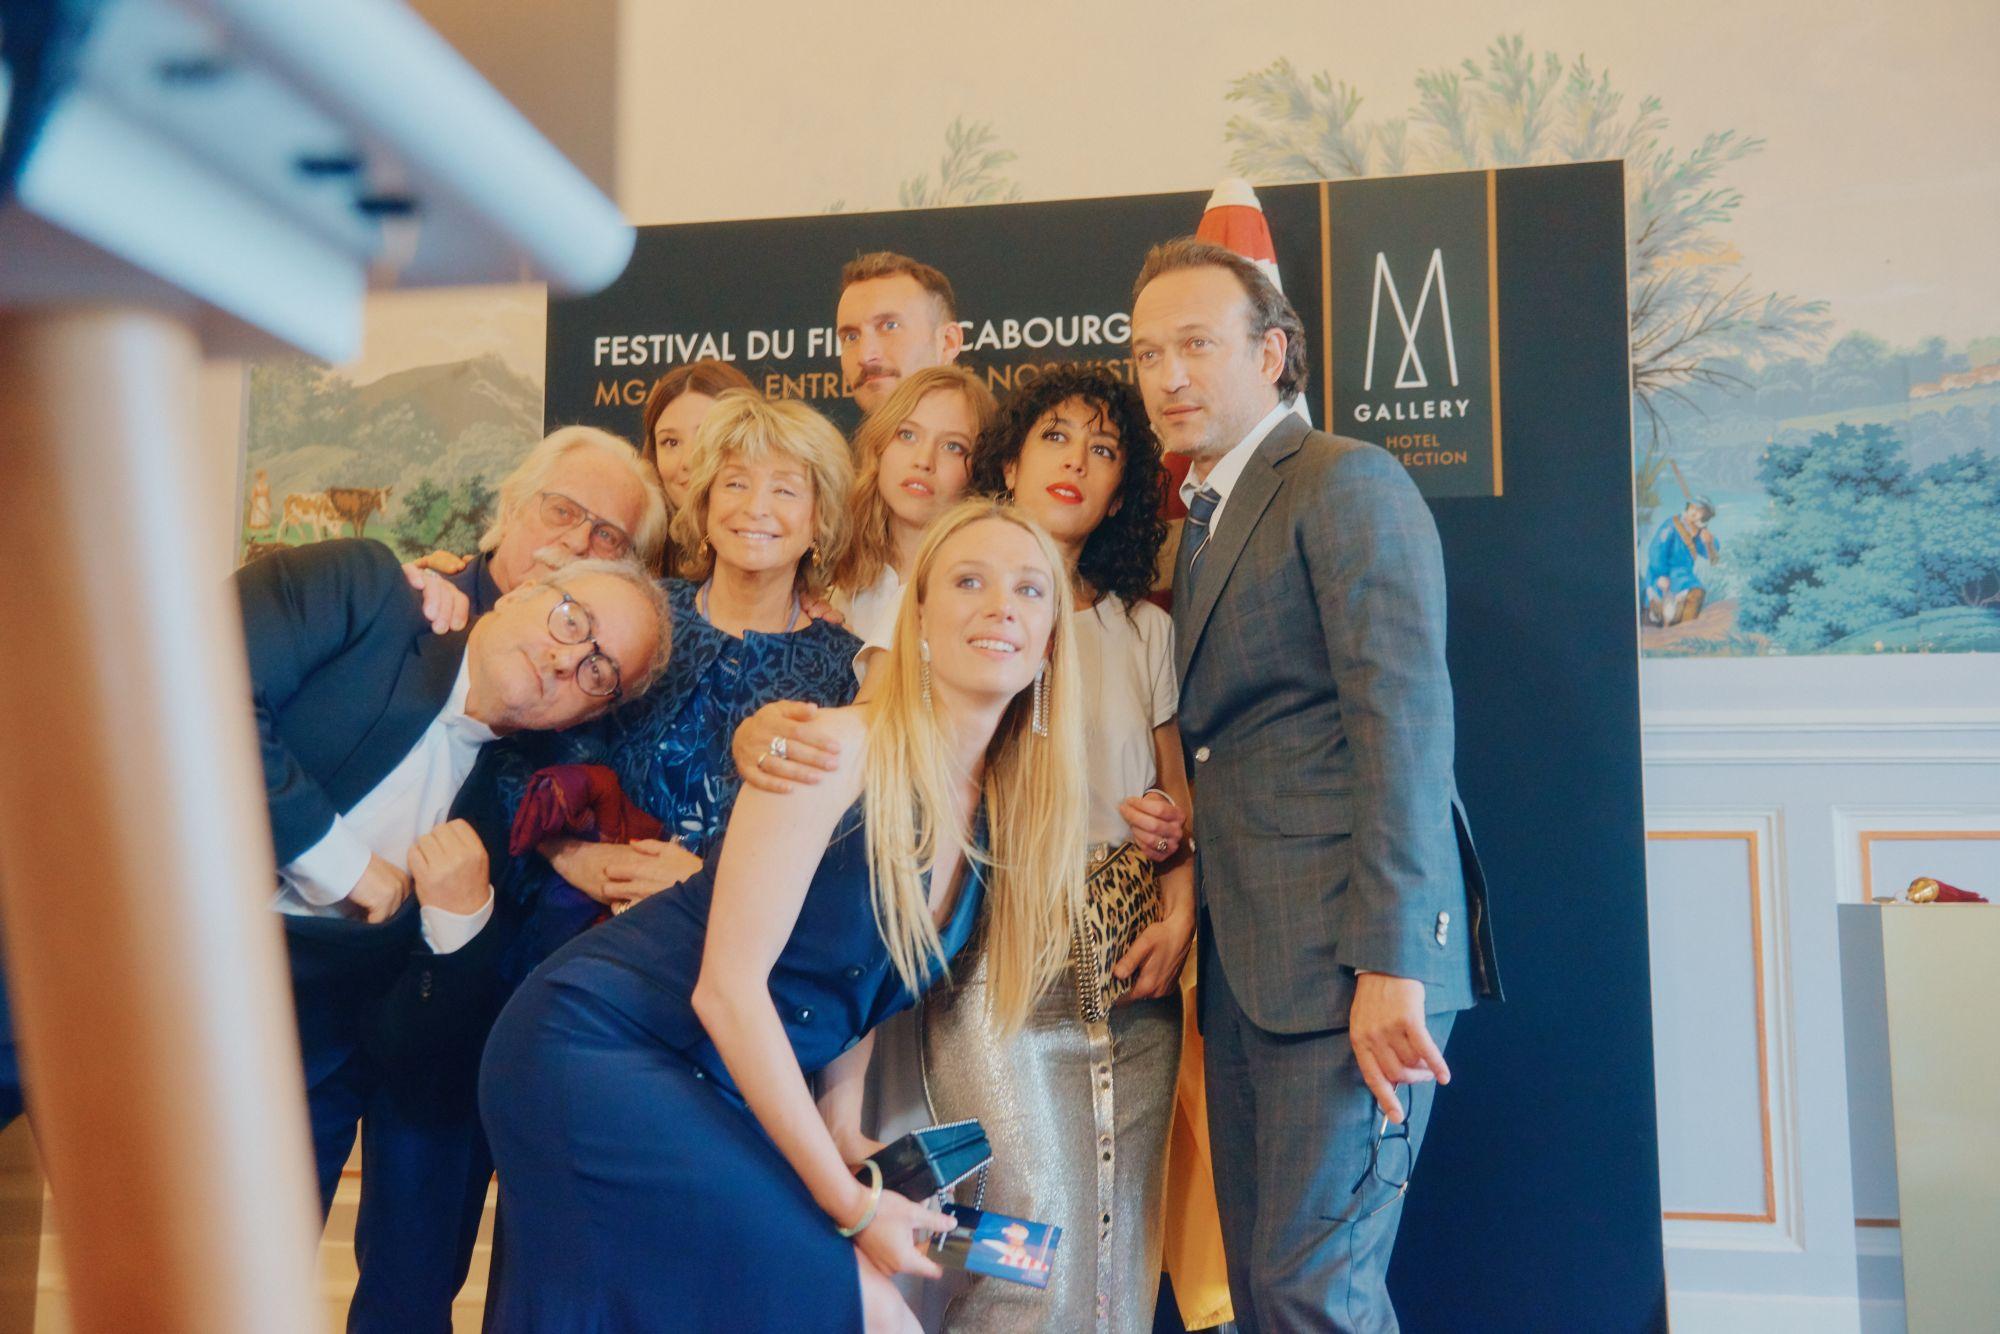 Le Grand Jury lors de la Soirée d'Ouverture Maquillage : Dr. Hauschka Coiffure : Franck Provost